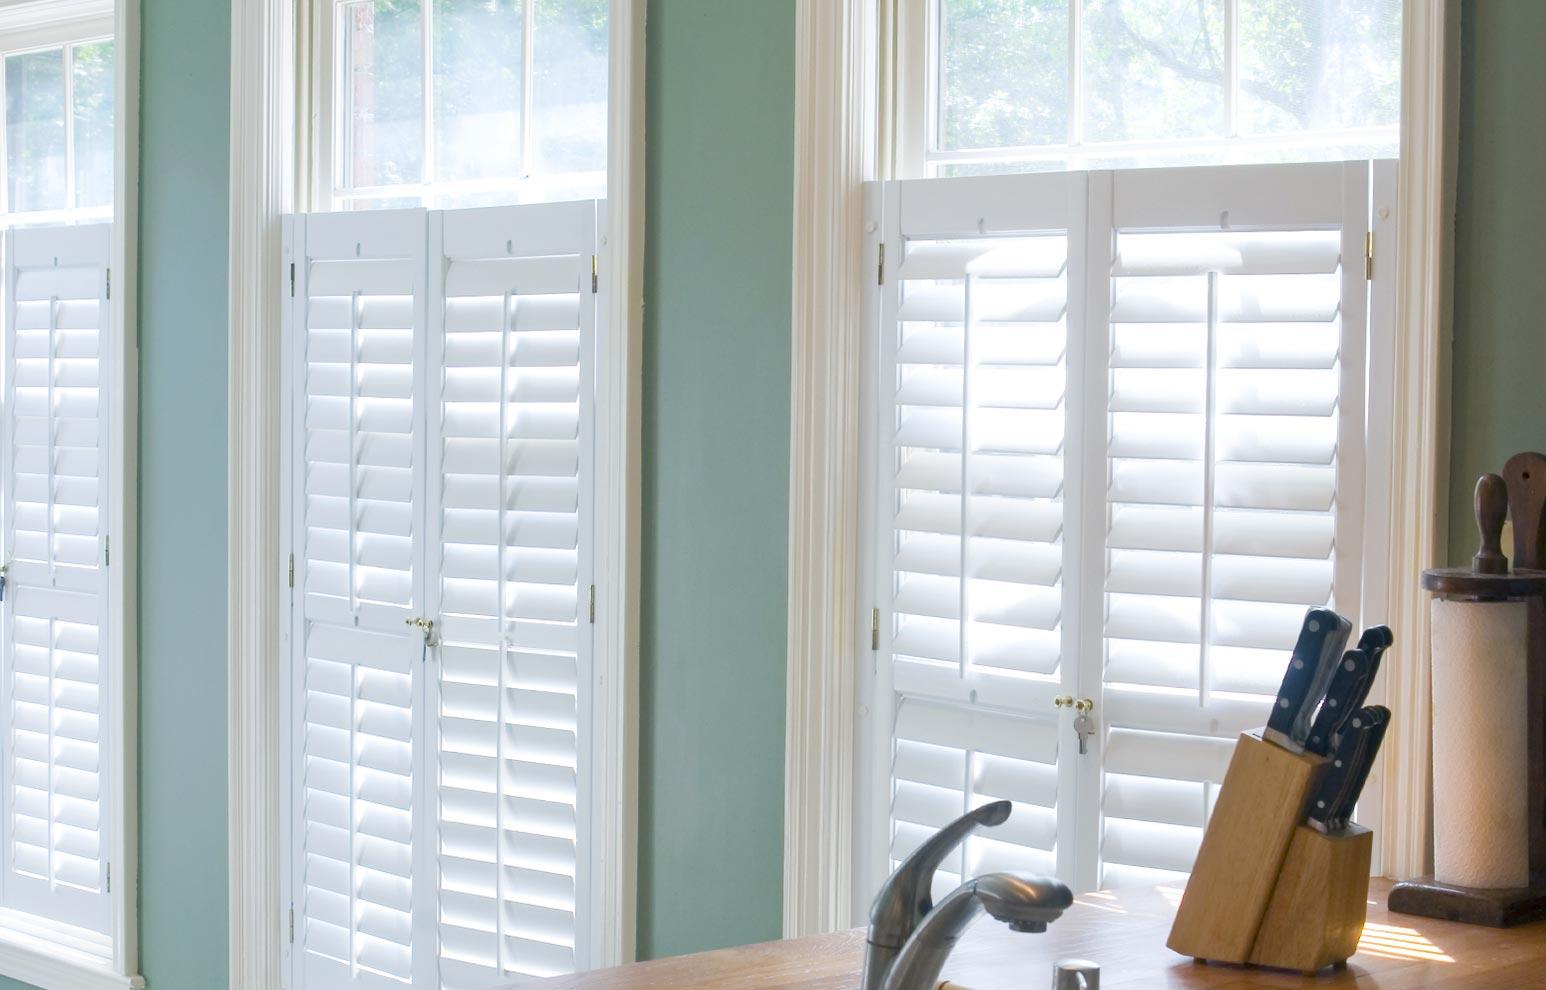 Faux-wood Window Shutters